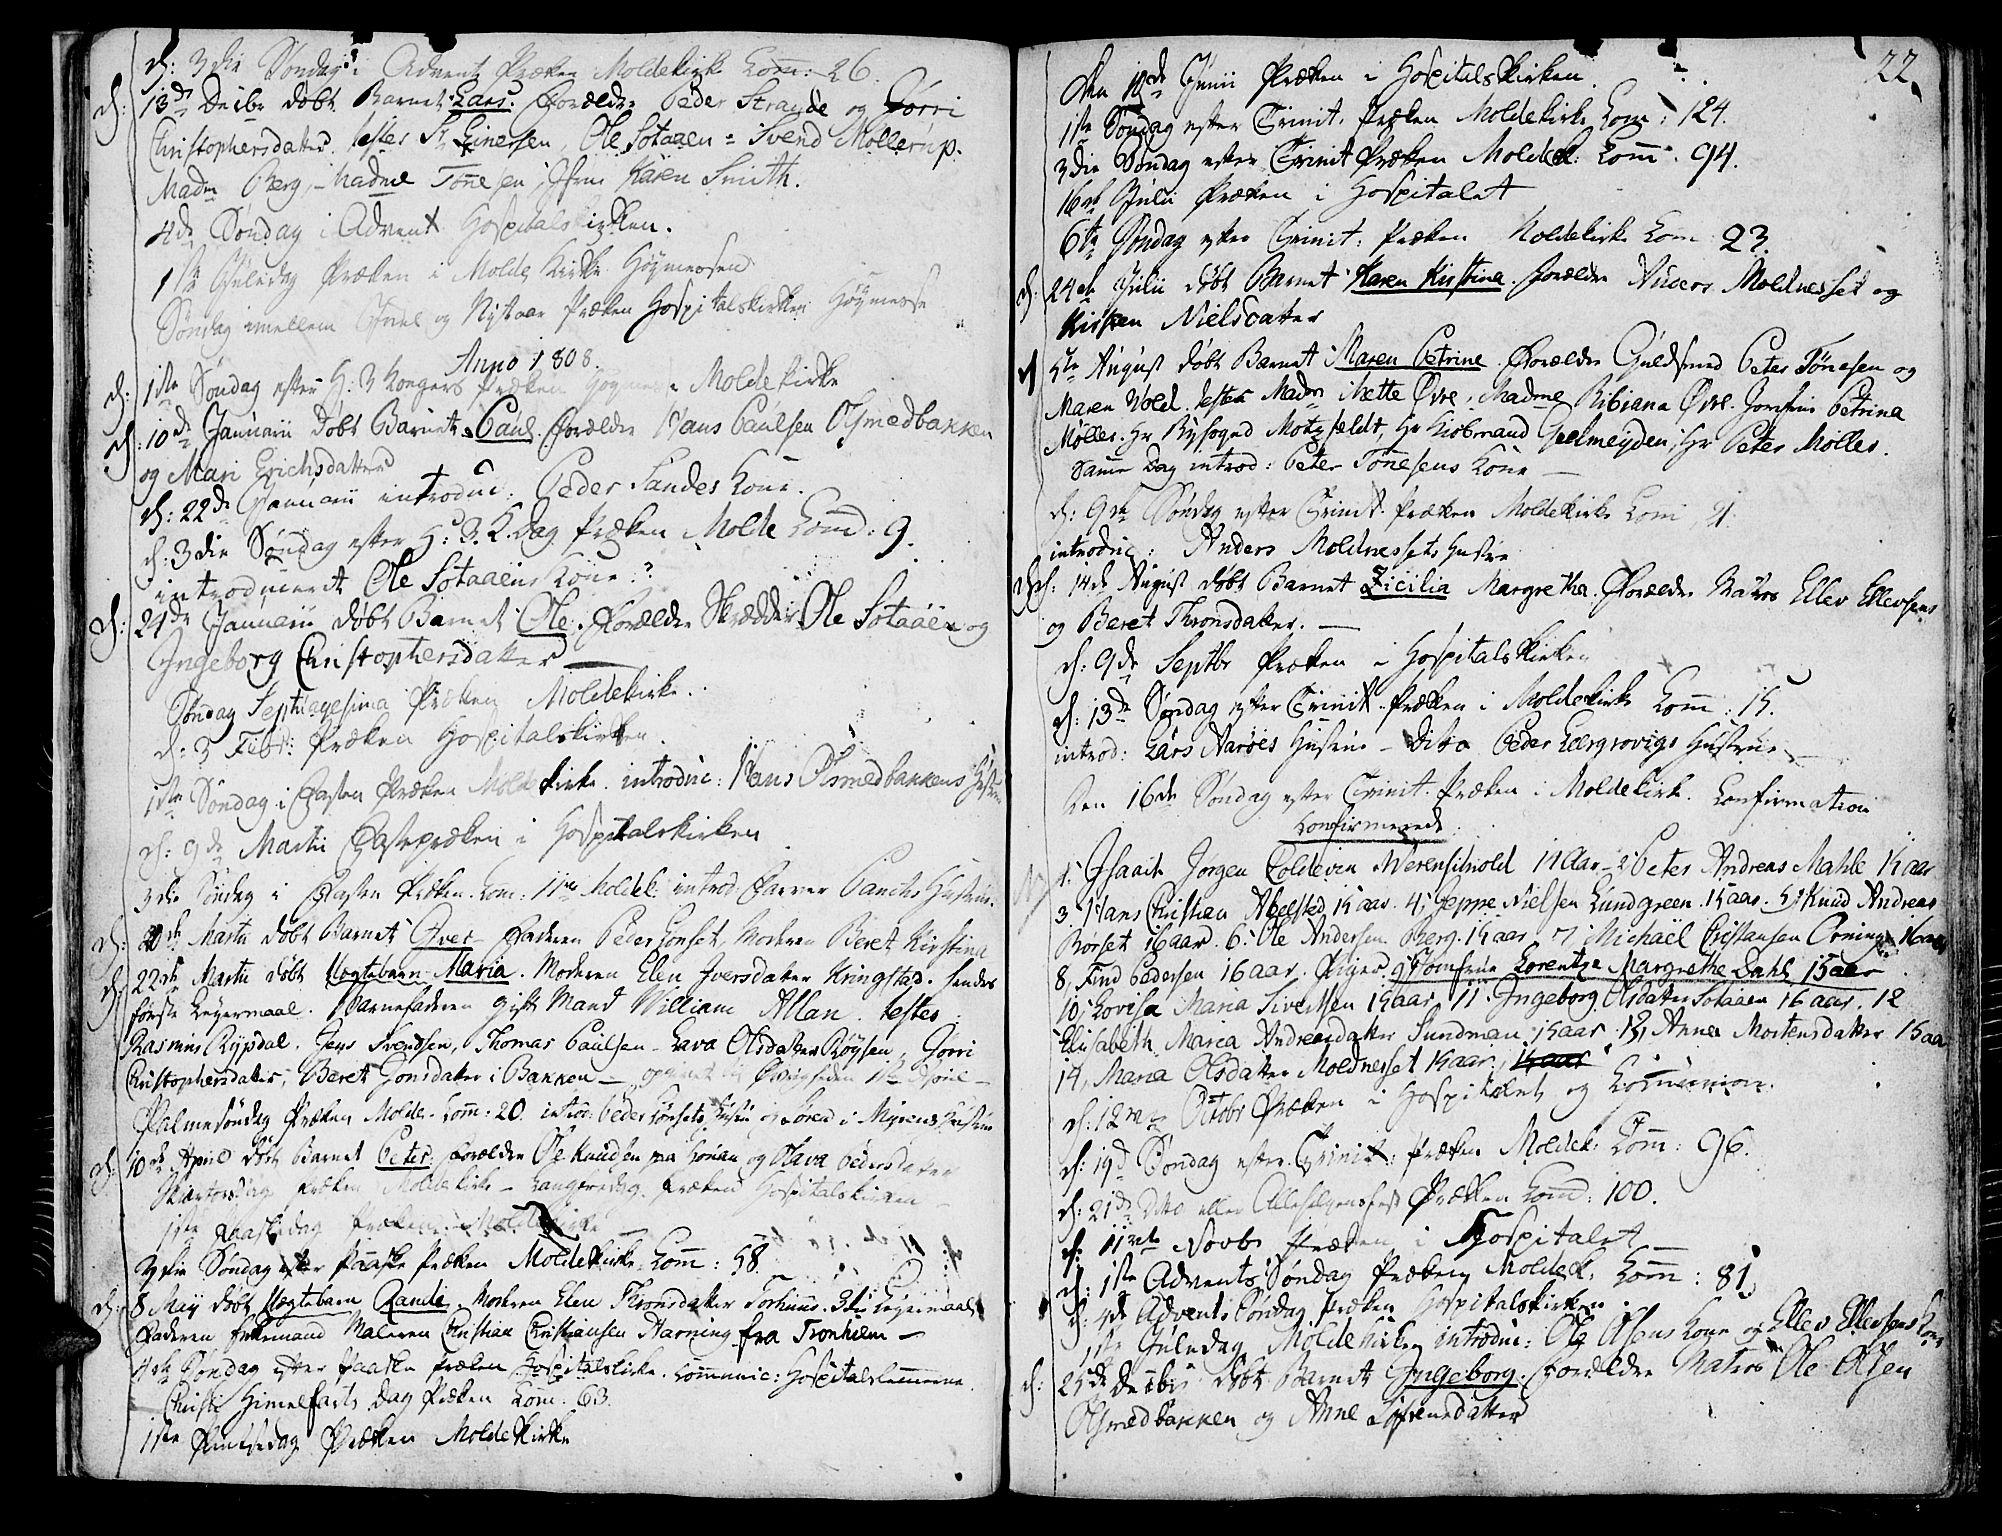 SAT, Ministerialprotokoller, klokkerbøker og fødselsregistre - Møre og Romsdal, 558/L0687: Ministerialbok nr. 558A01, 1798-1818, s. 22